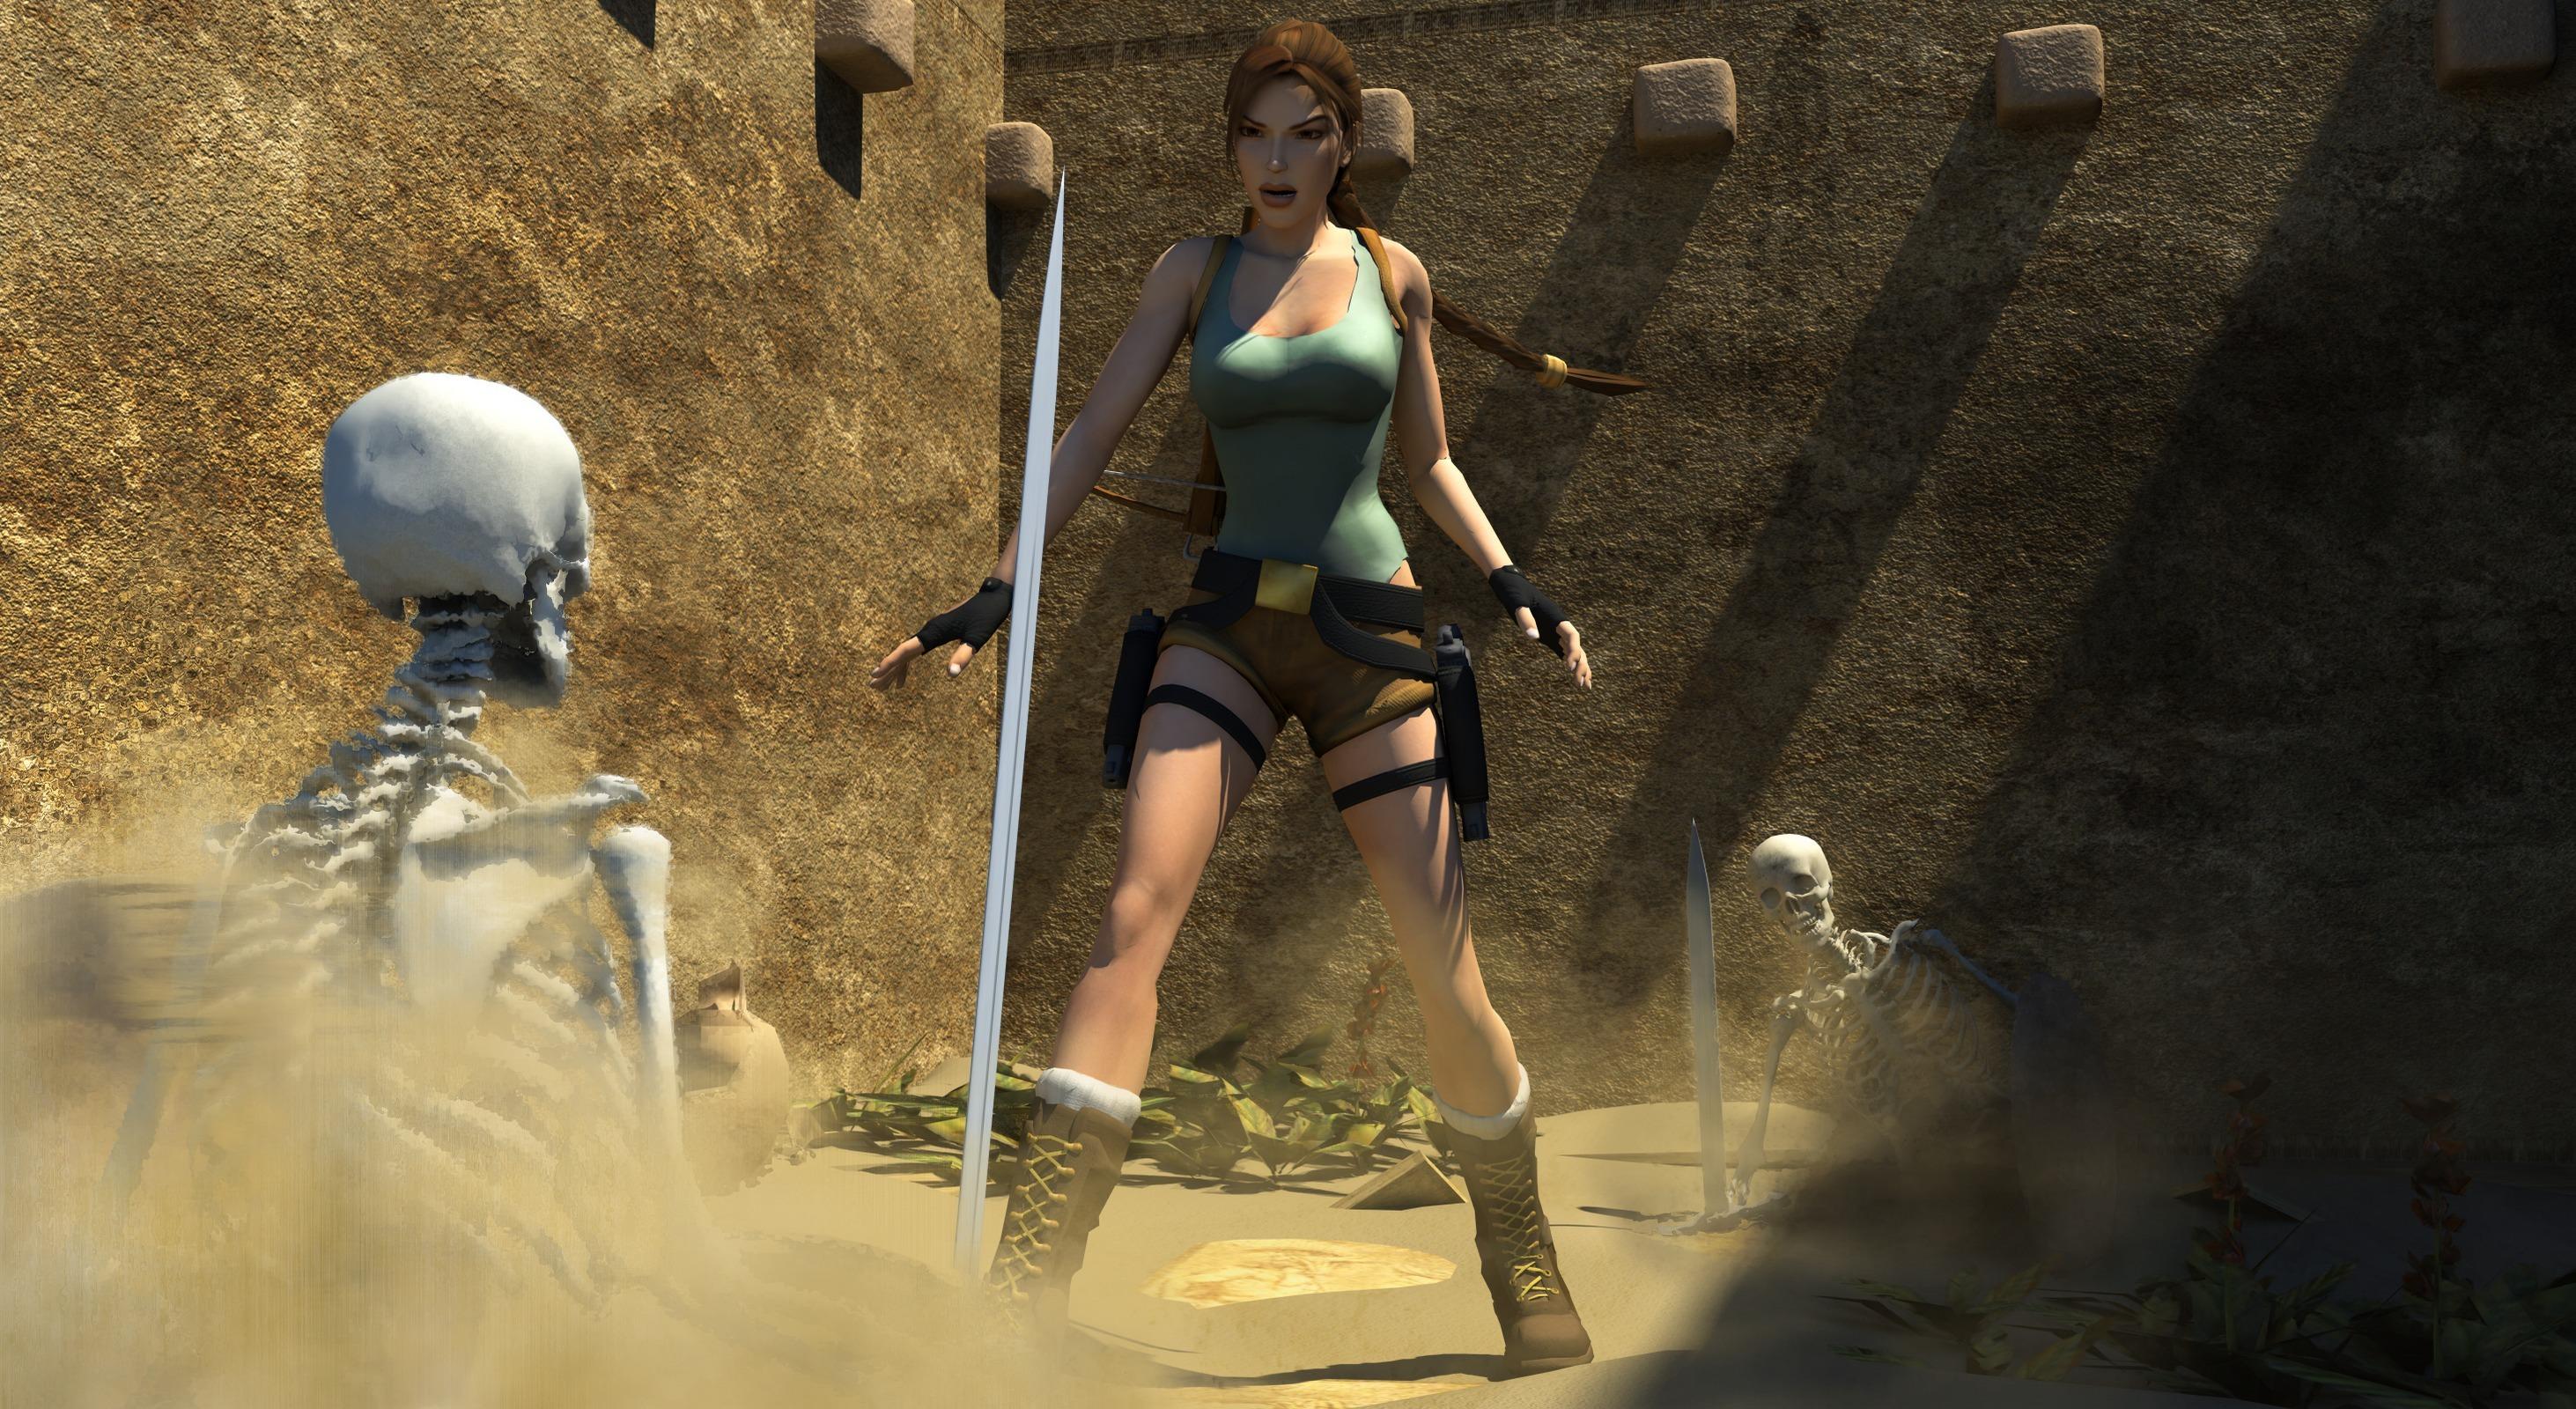 Lara croft 3 d monster bilder free sex videos